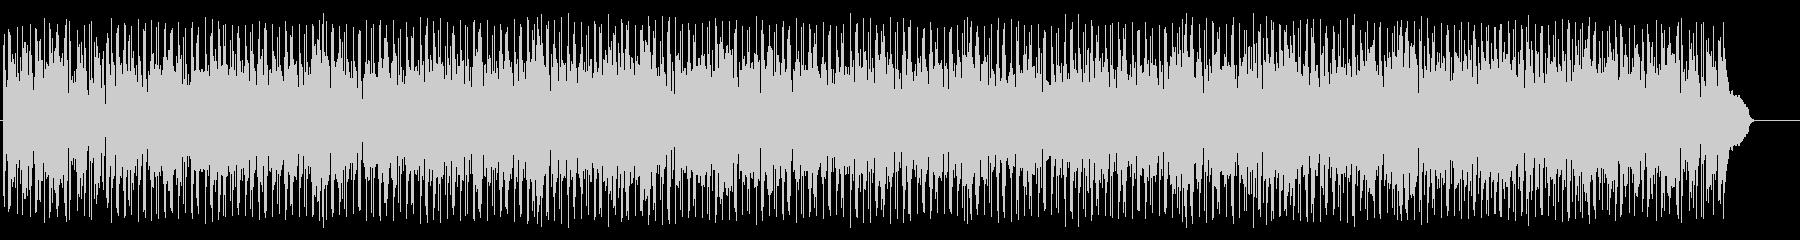 不安をはねのけるポップ(フルサイズ)の未再生の波形